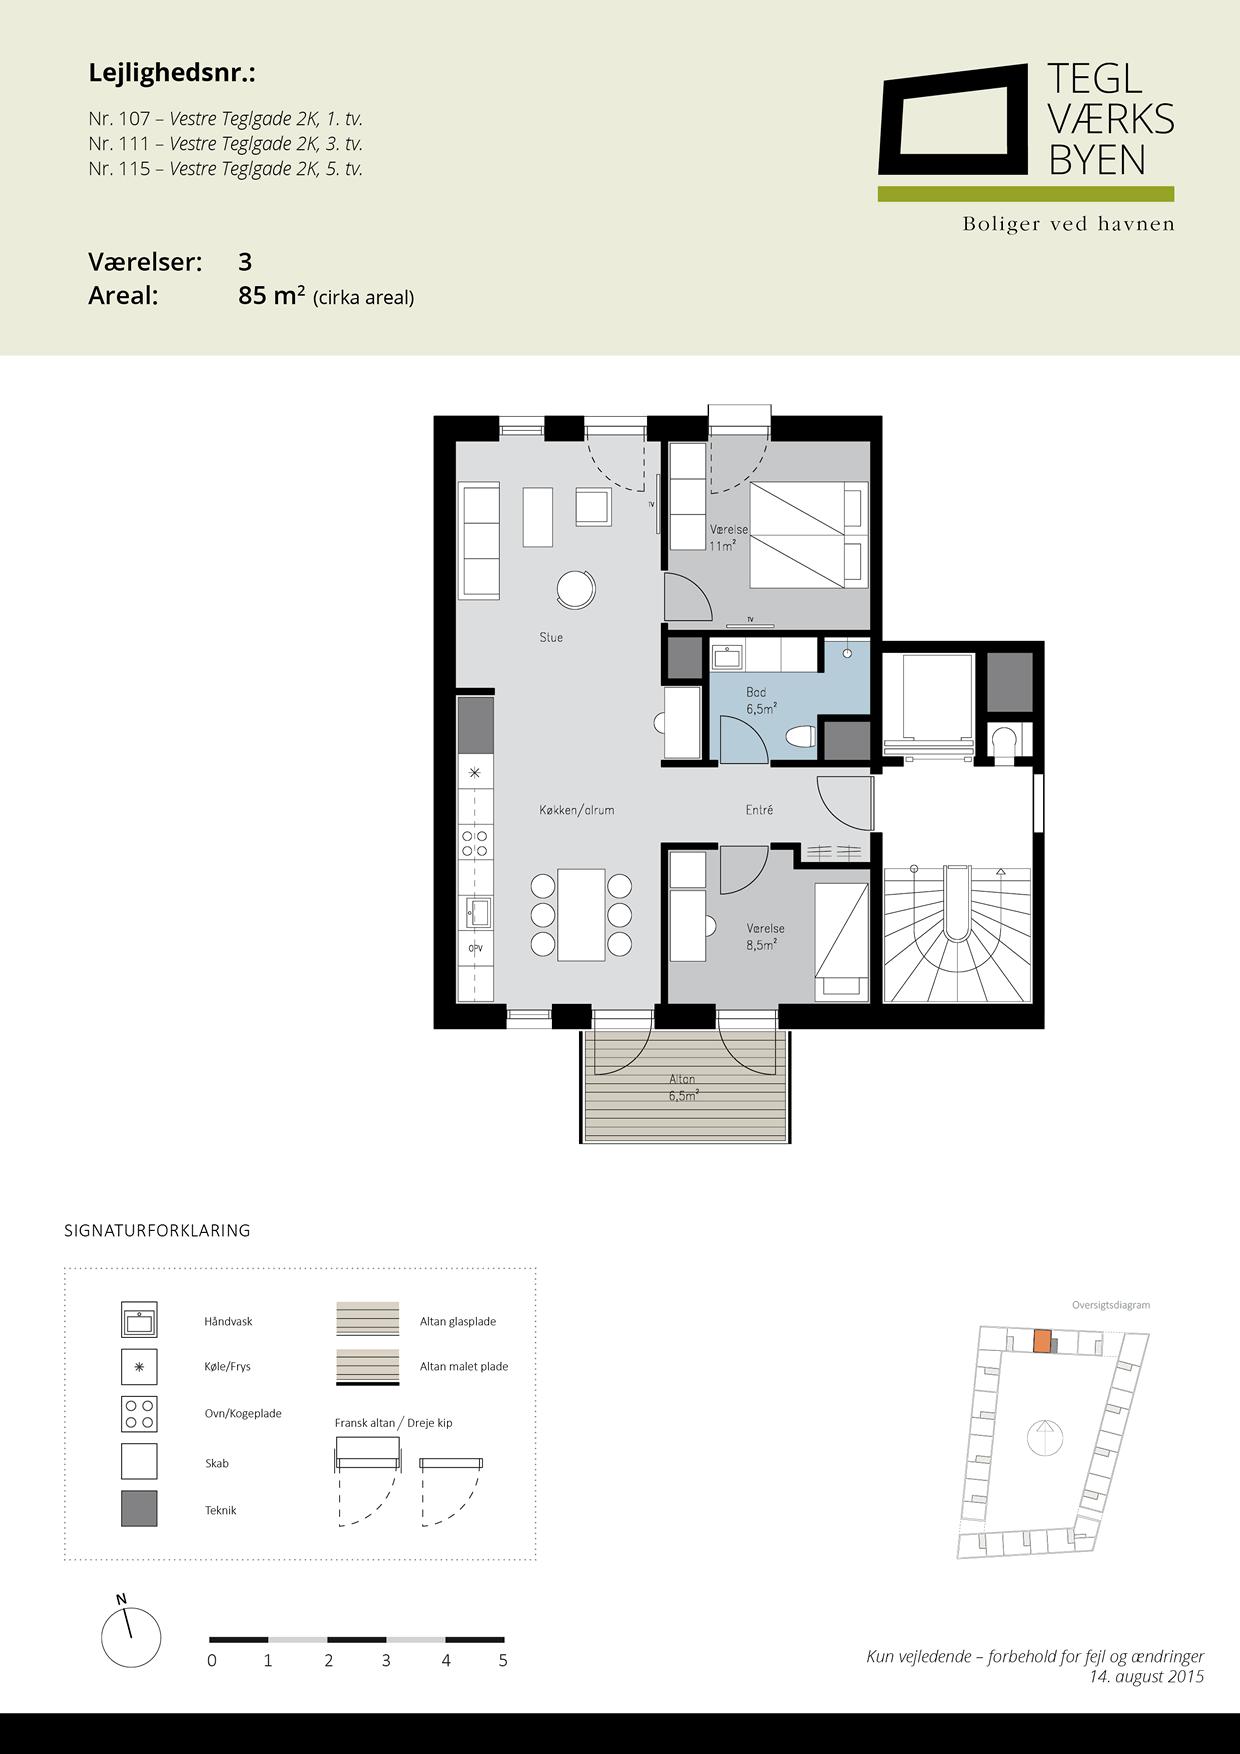 Teglvaerksbyen_107-111-115_plan